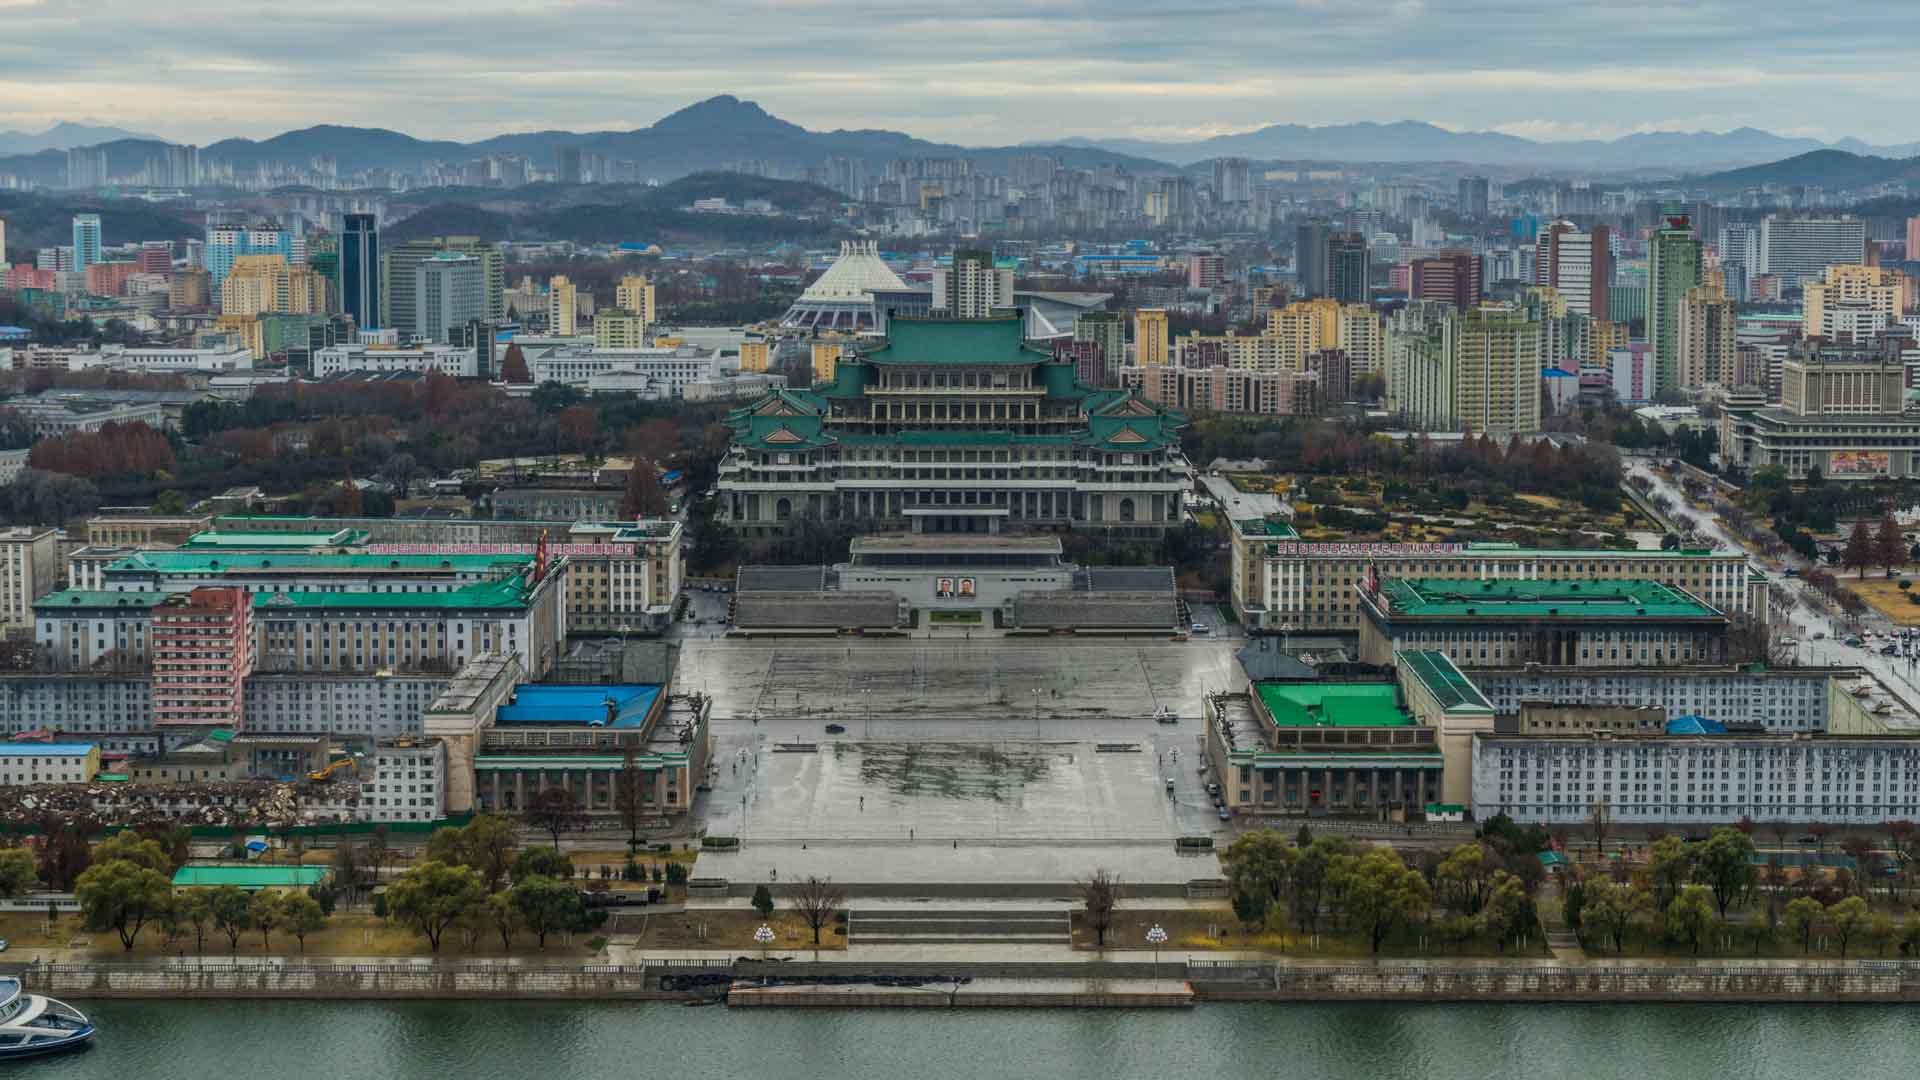 A Red Superhero in North Korea Enrico Pescantini pyongyang Kim Il-sung Square 2